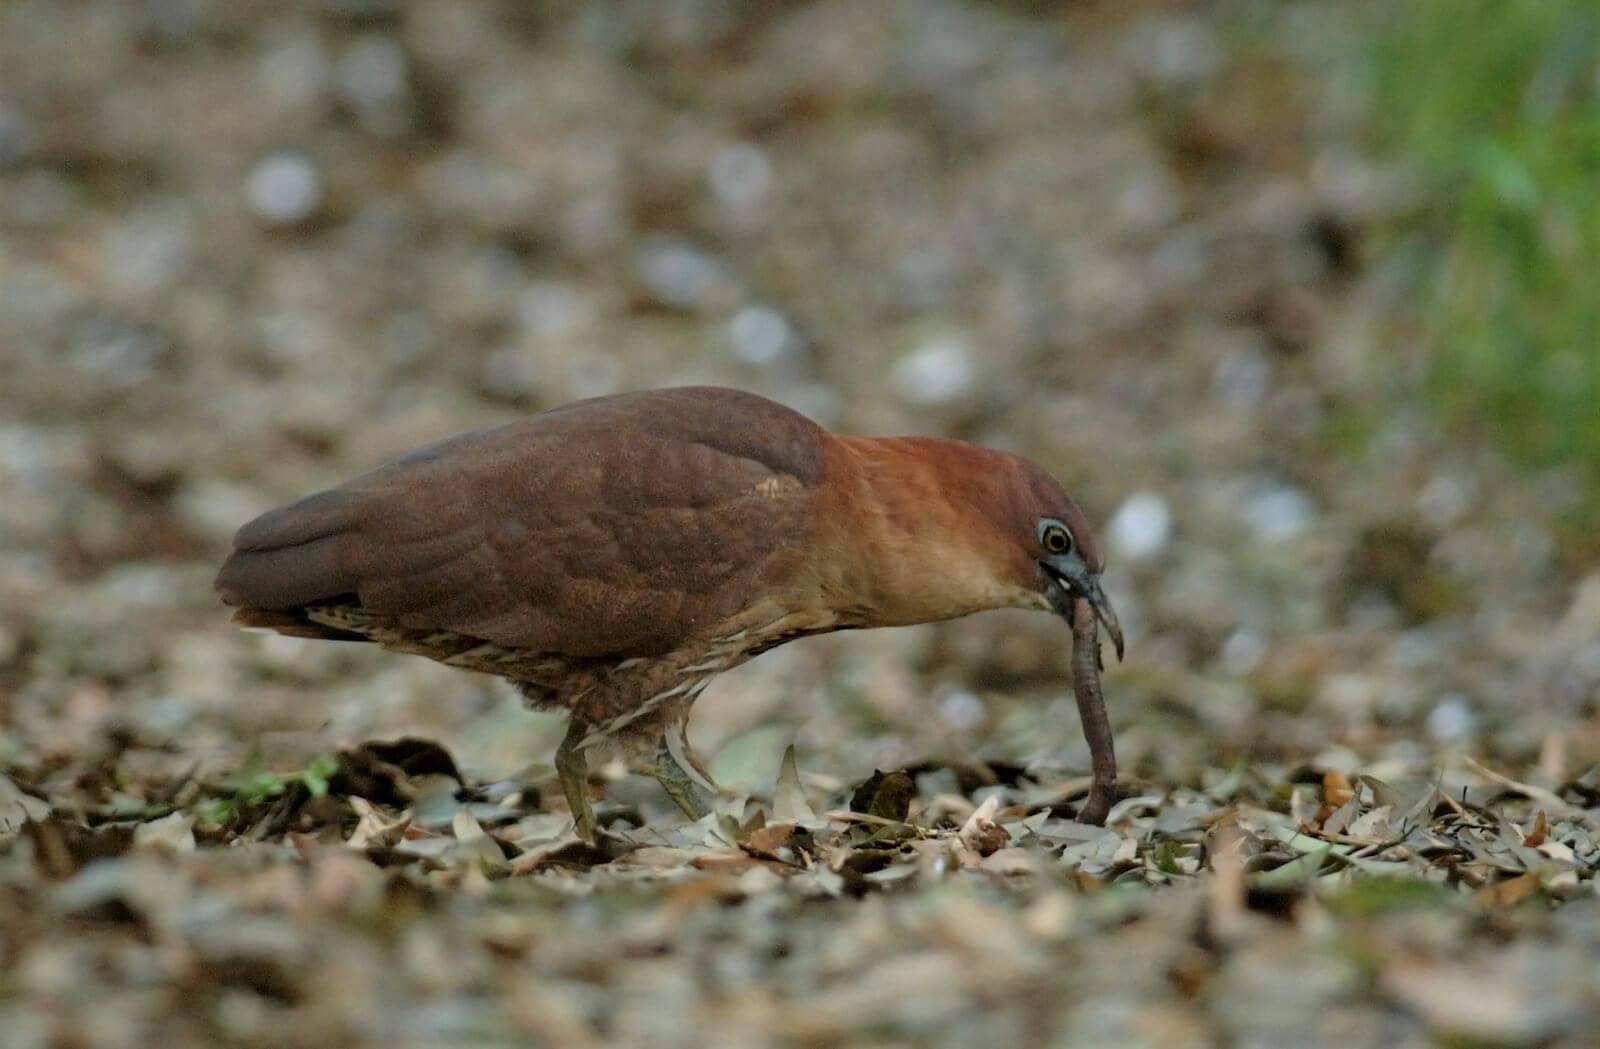 ミゾゴイ〜世界で1000羽以下、ヤンバルクイナより少ない鳥